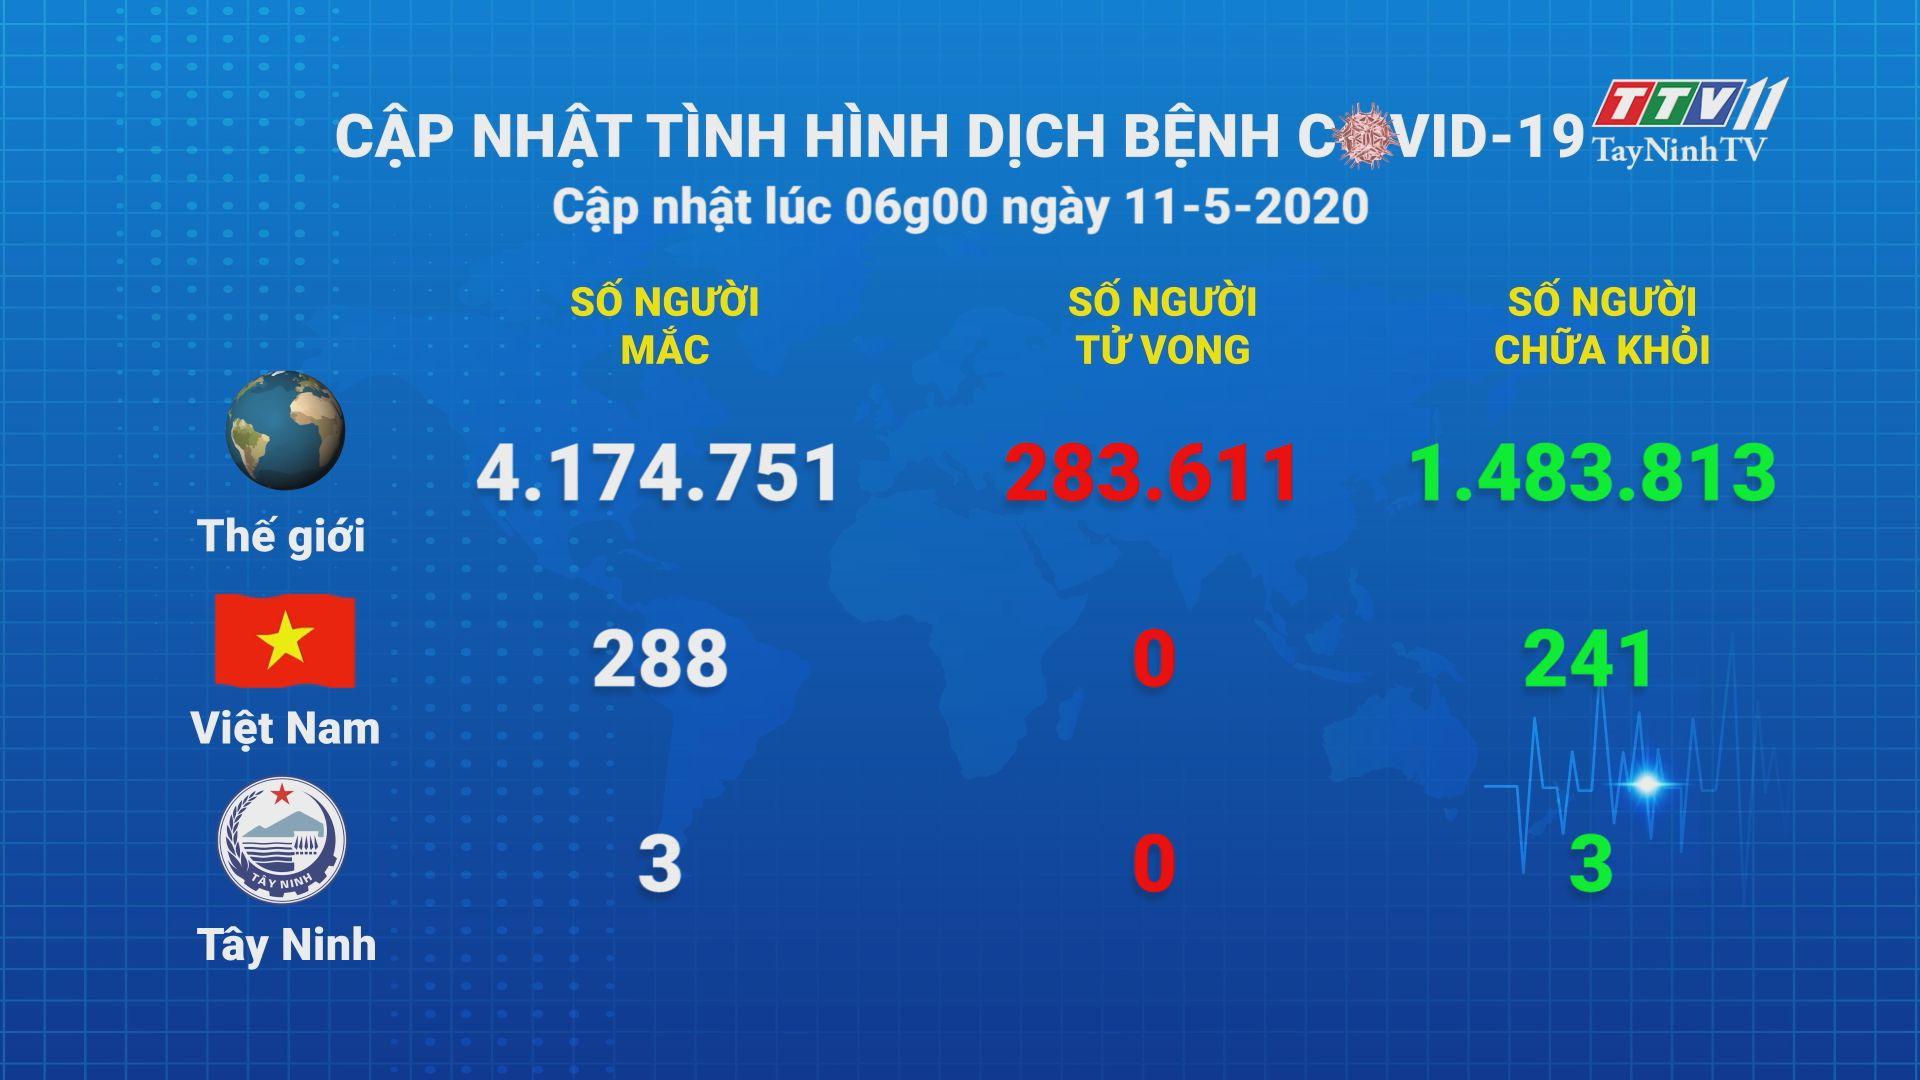 Cập nhật tình hình Covid-19 vào lúc 06 giờ 11-5-2020 | Thông tin dịch Covid-19 | TayNinhTV